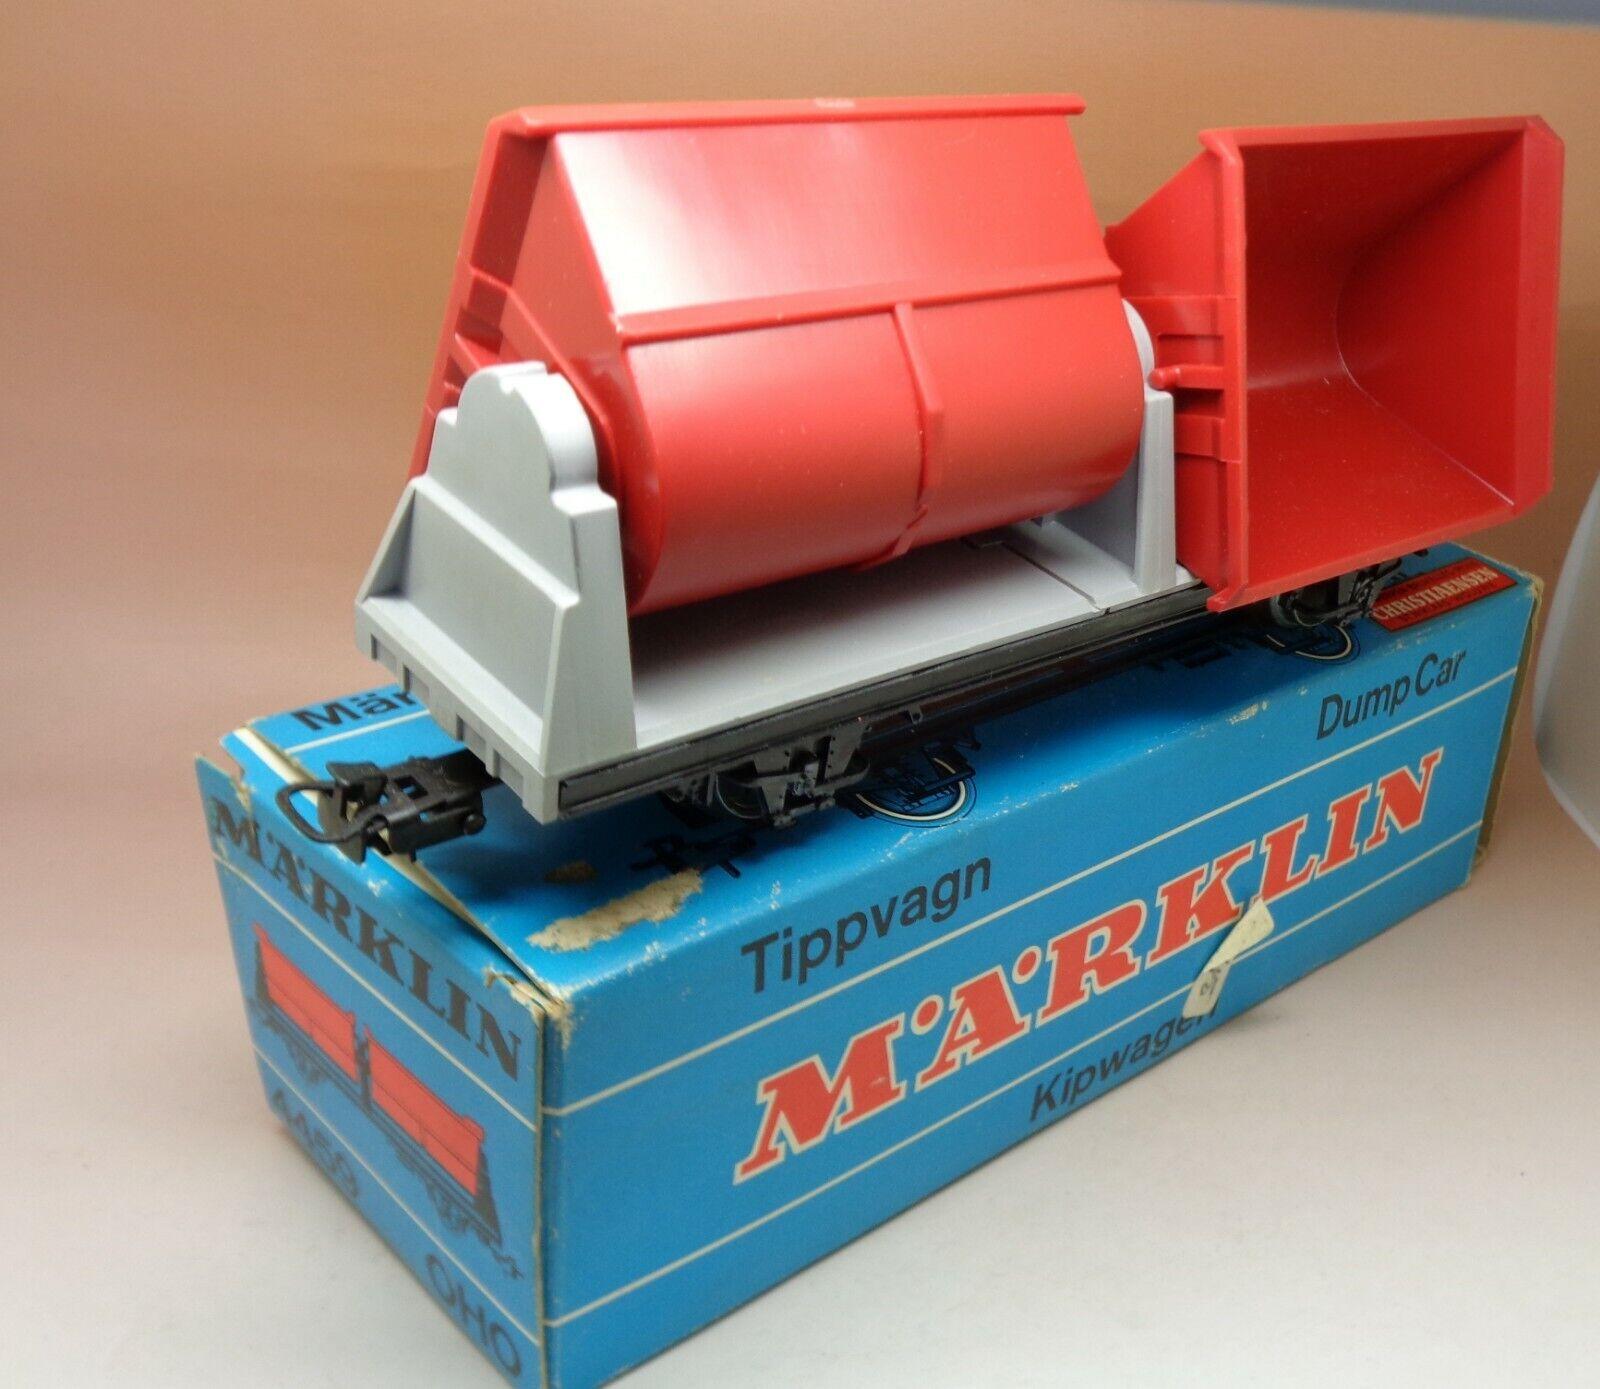 Marklin Wagon Benne Ref 4459 Ech Oho Plastiqueexcellent Condition Original Box